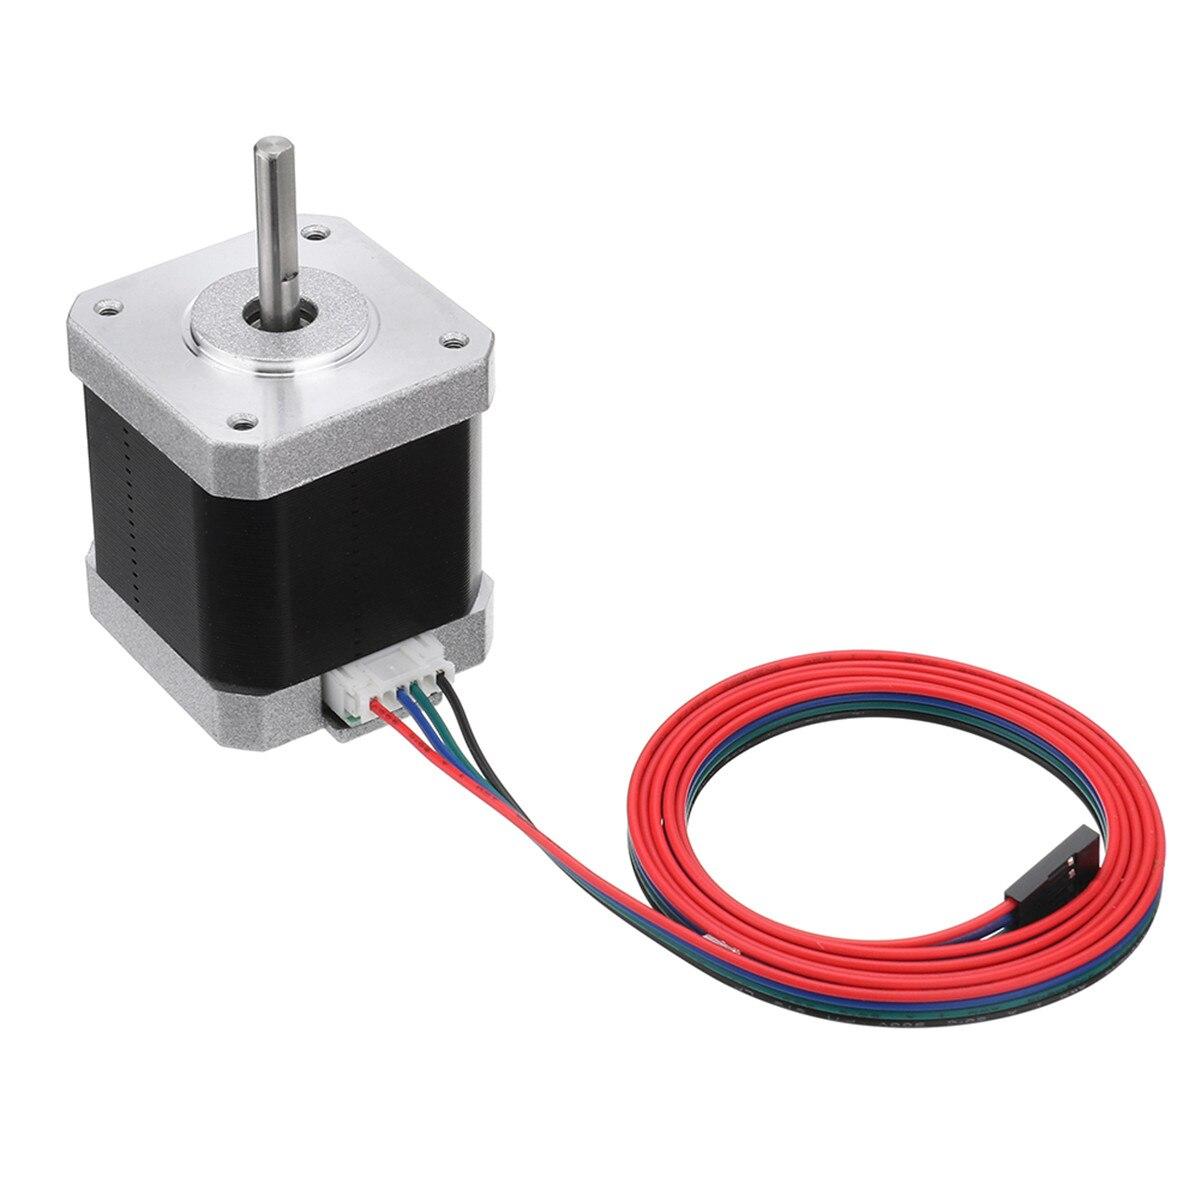 Pcs Preto 17HS8401 1 48mm 42 17 Nema Do Motor de Passo Do Motor 1.8A 52N. cm 4-chumbo para CNC 3D Impressora